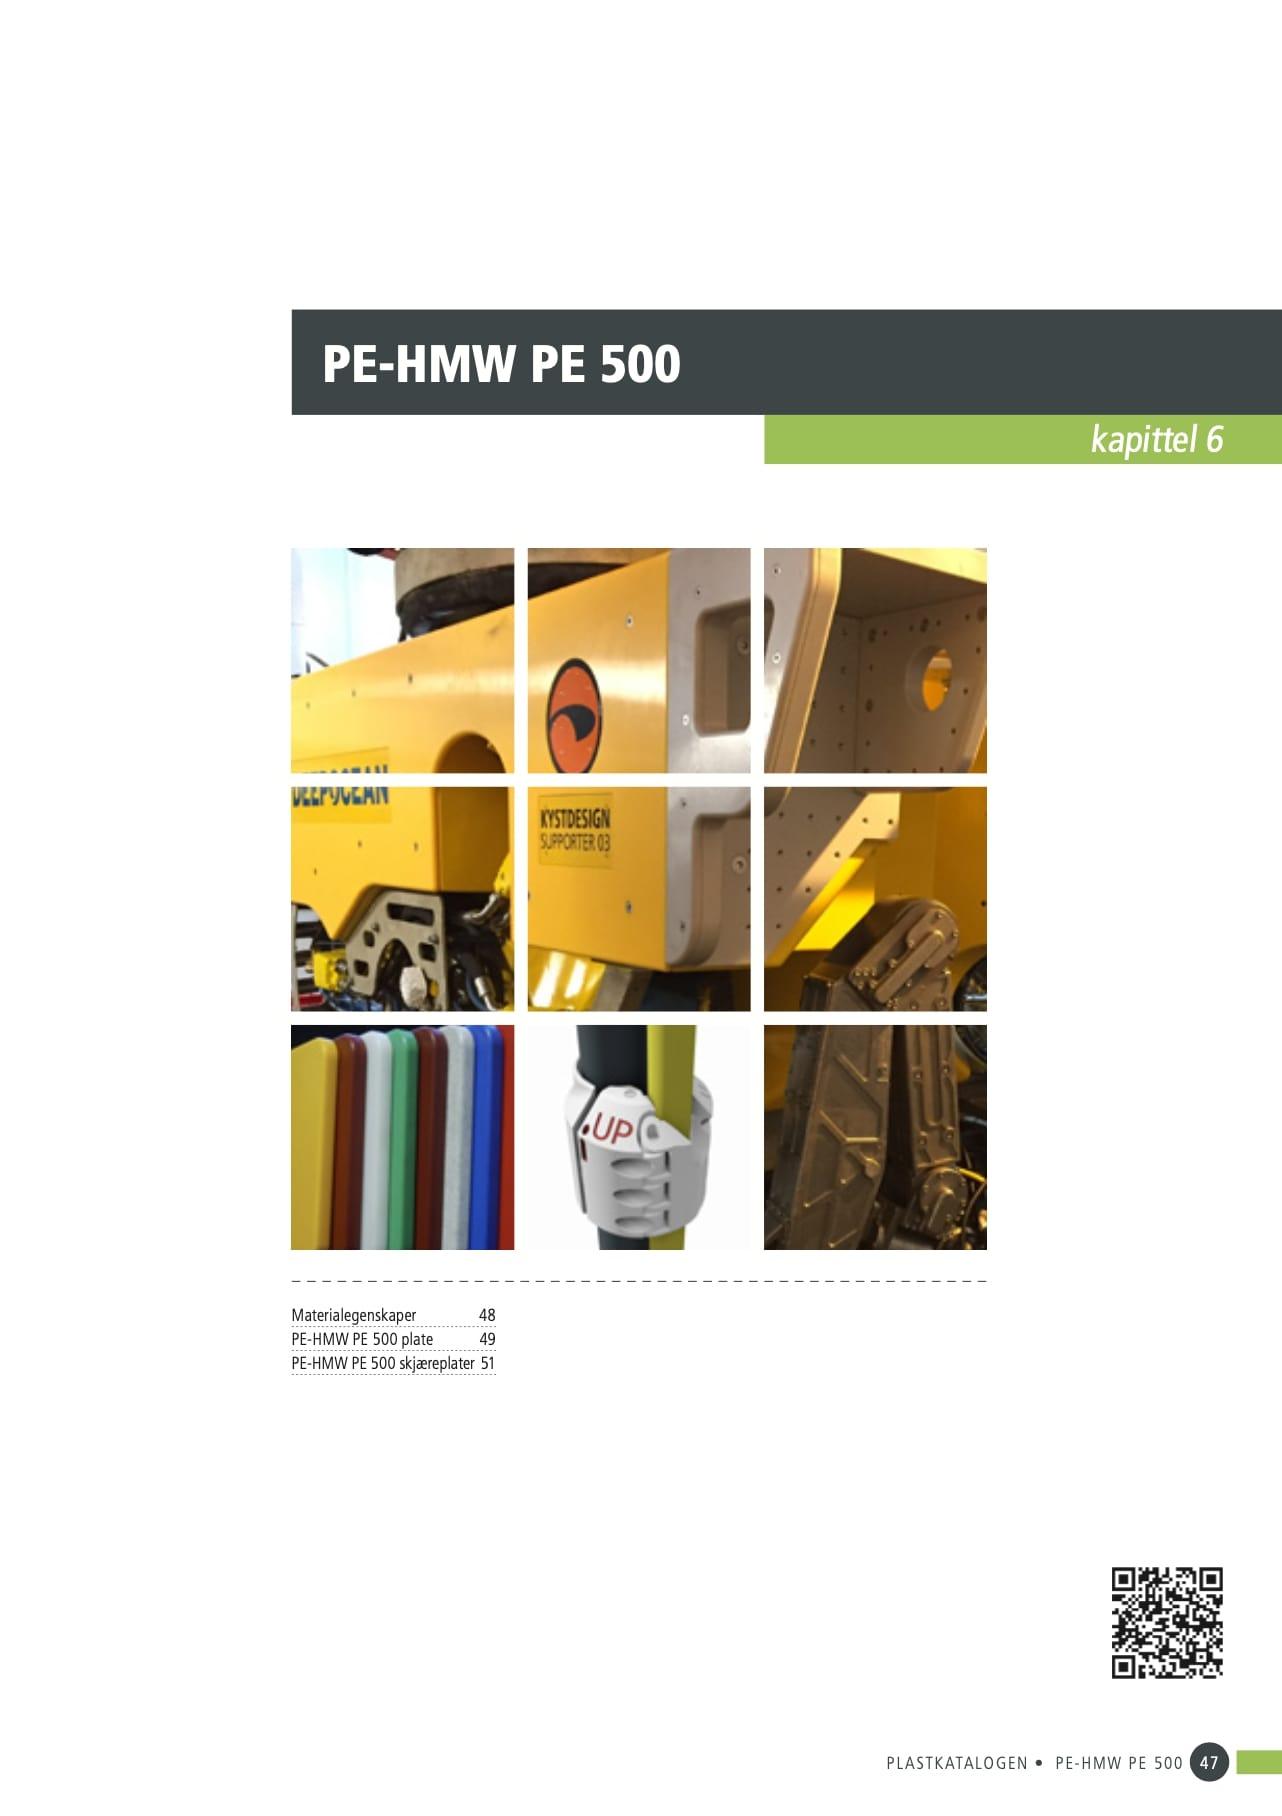 6. PE-HMW-PE-500